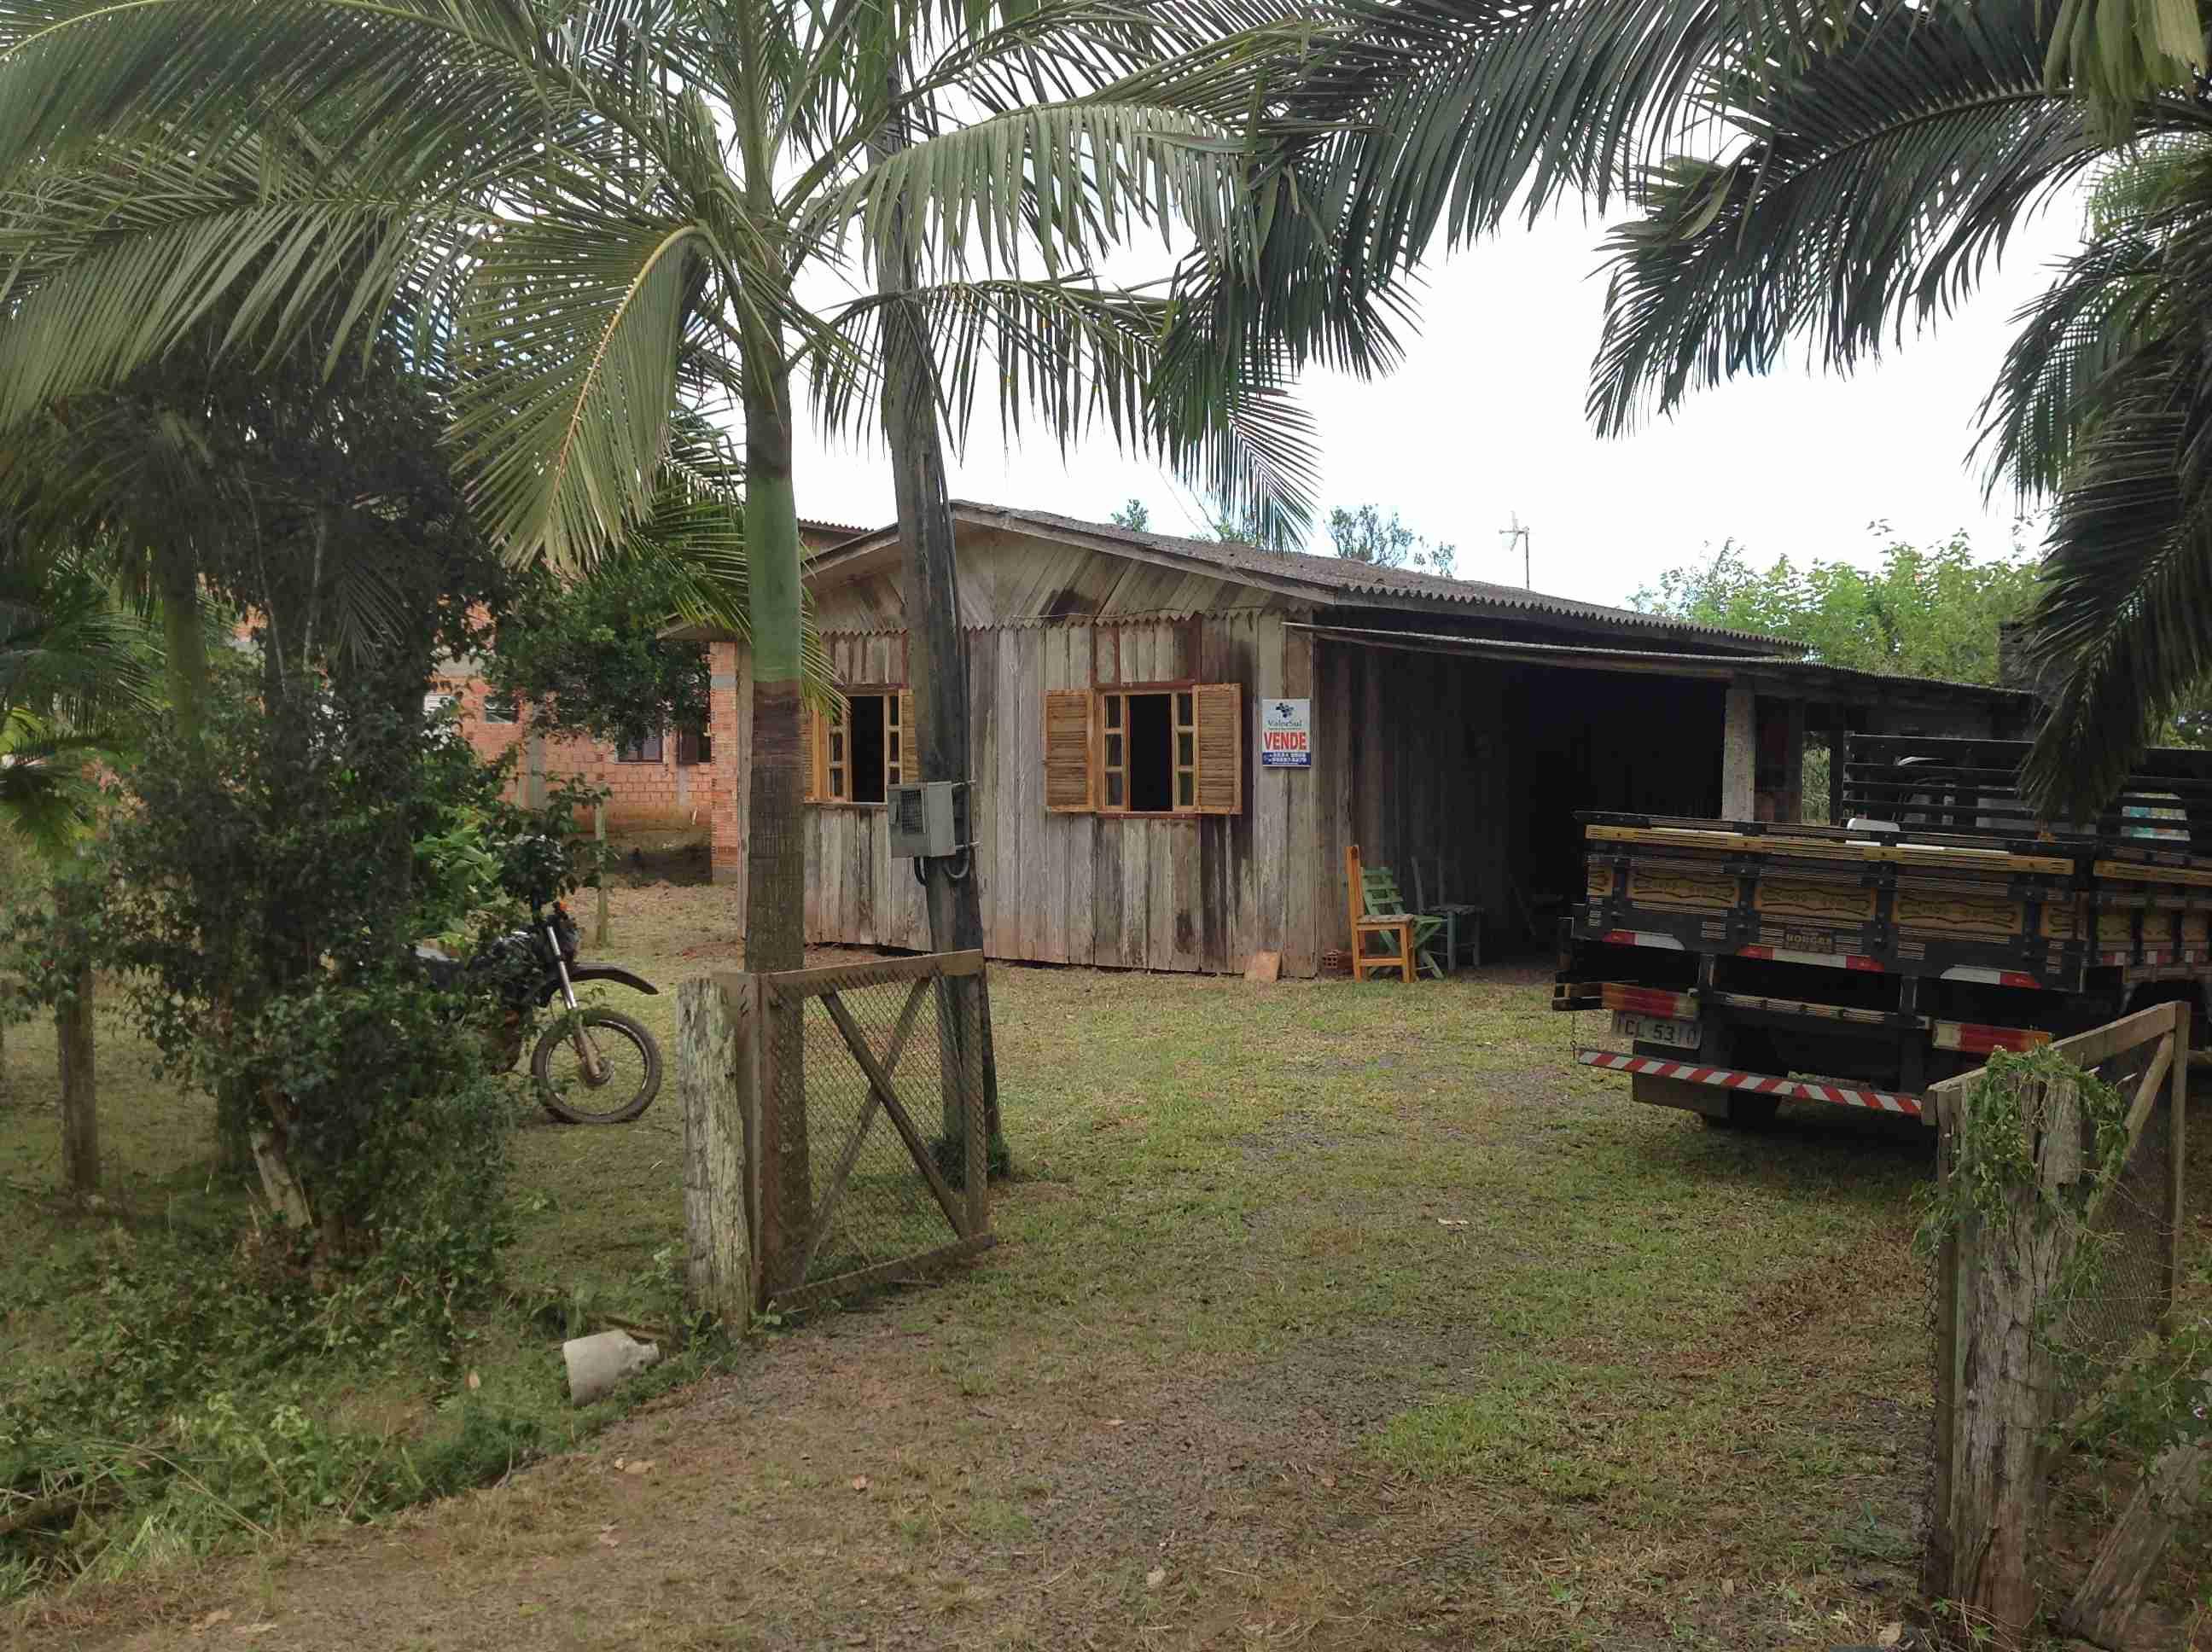 Casa de madeira mais kit net (066 ) mobiliada ,pronta p/alugar alunos IFC próximo á instituição 200 mtrs.3 quartos,banheiro,cosinha,garagem,churrasqueira,mais Kit_Nét com cosinha,banheiro e quarto.